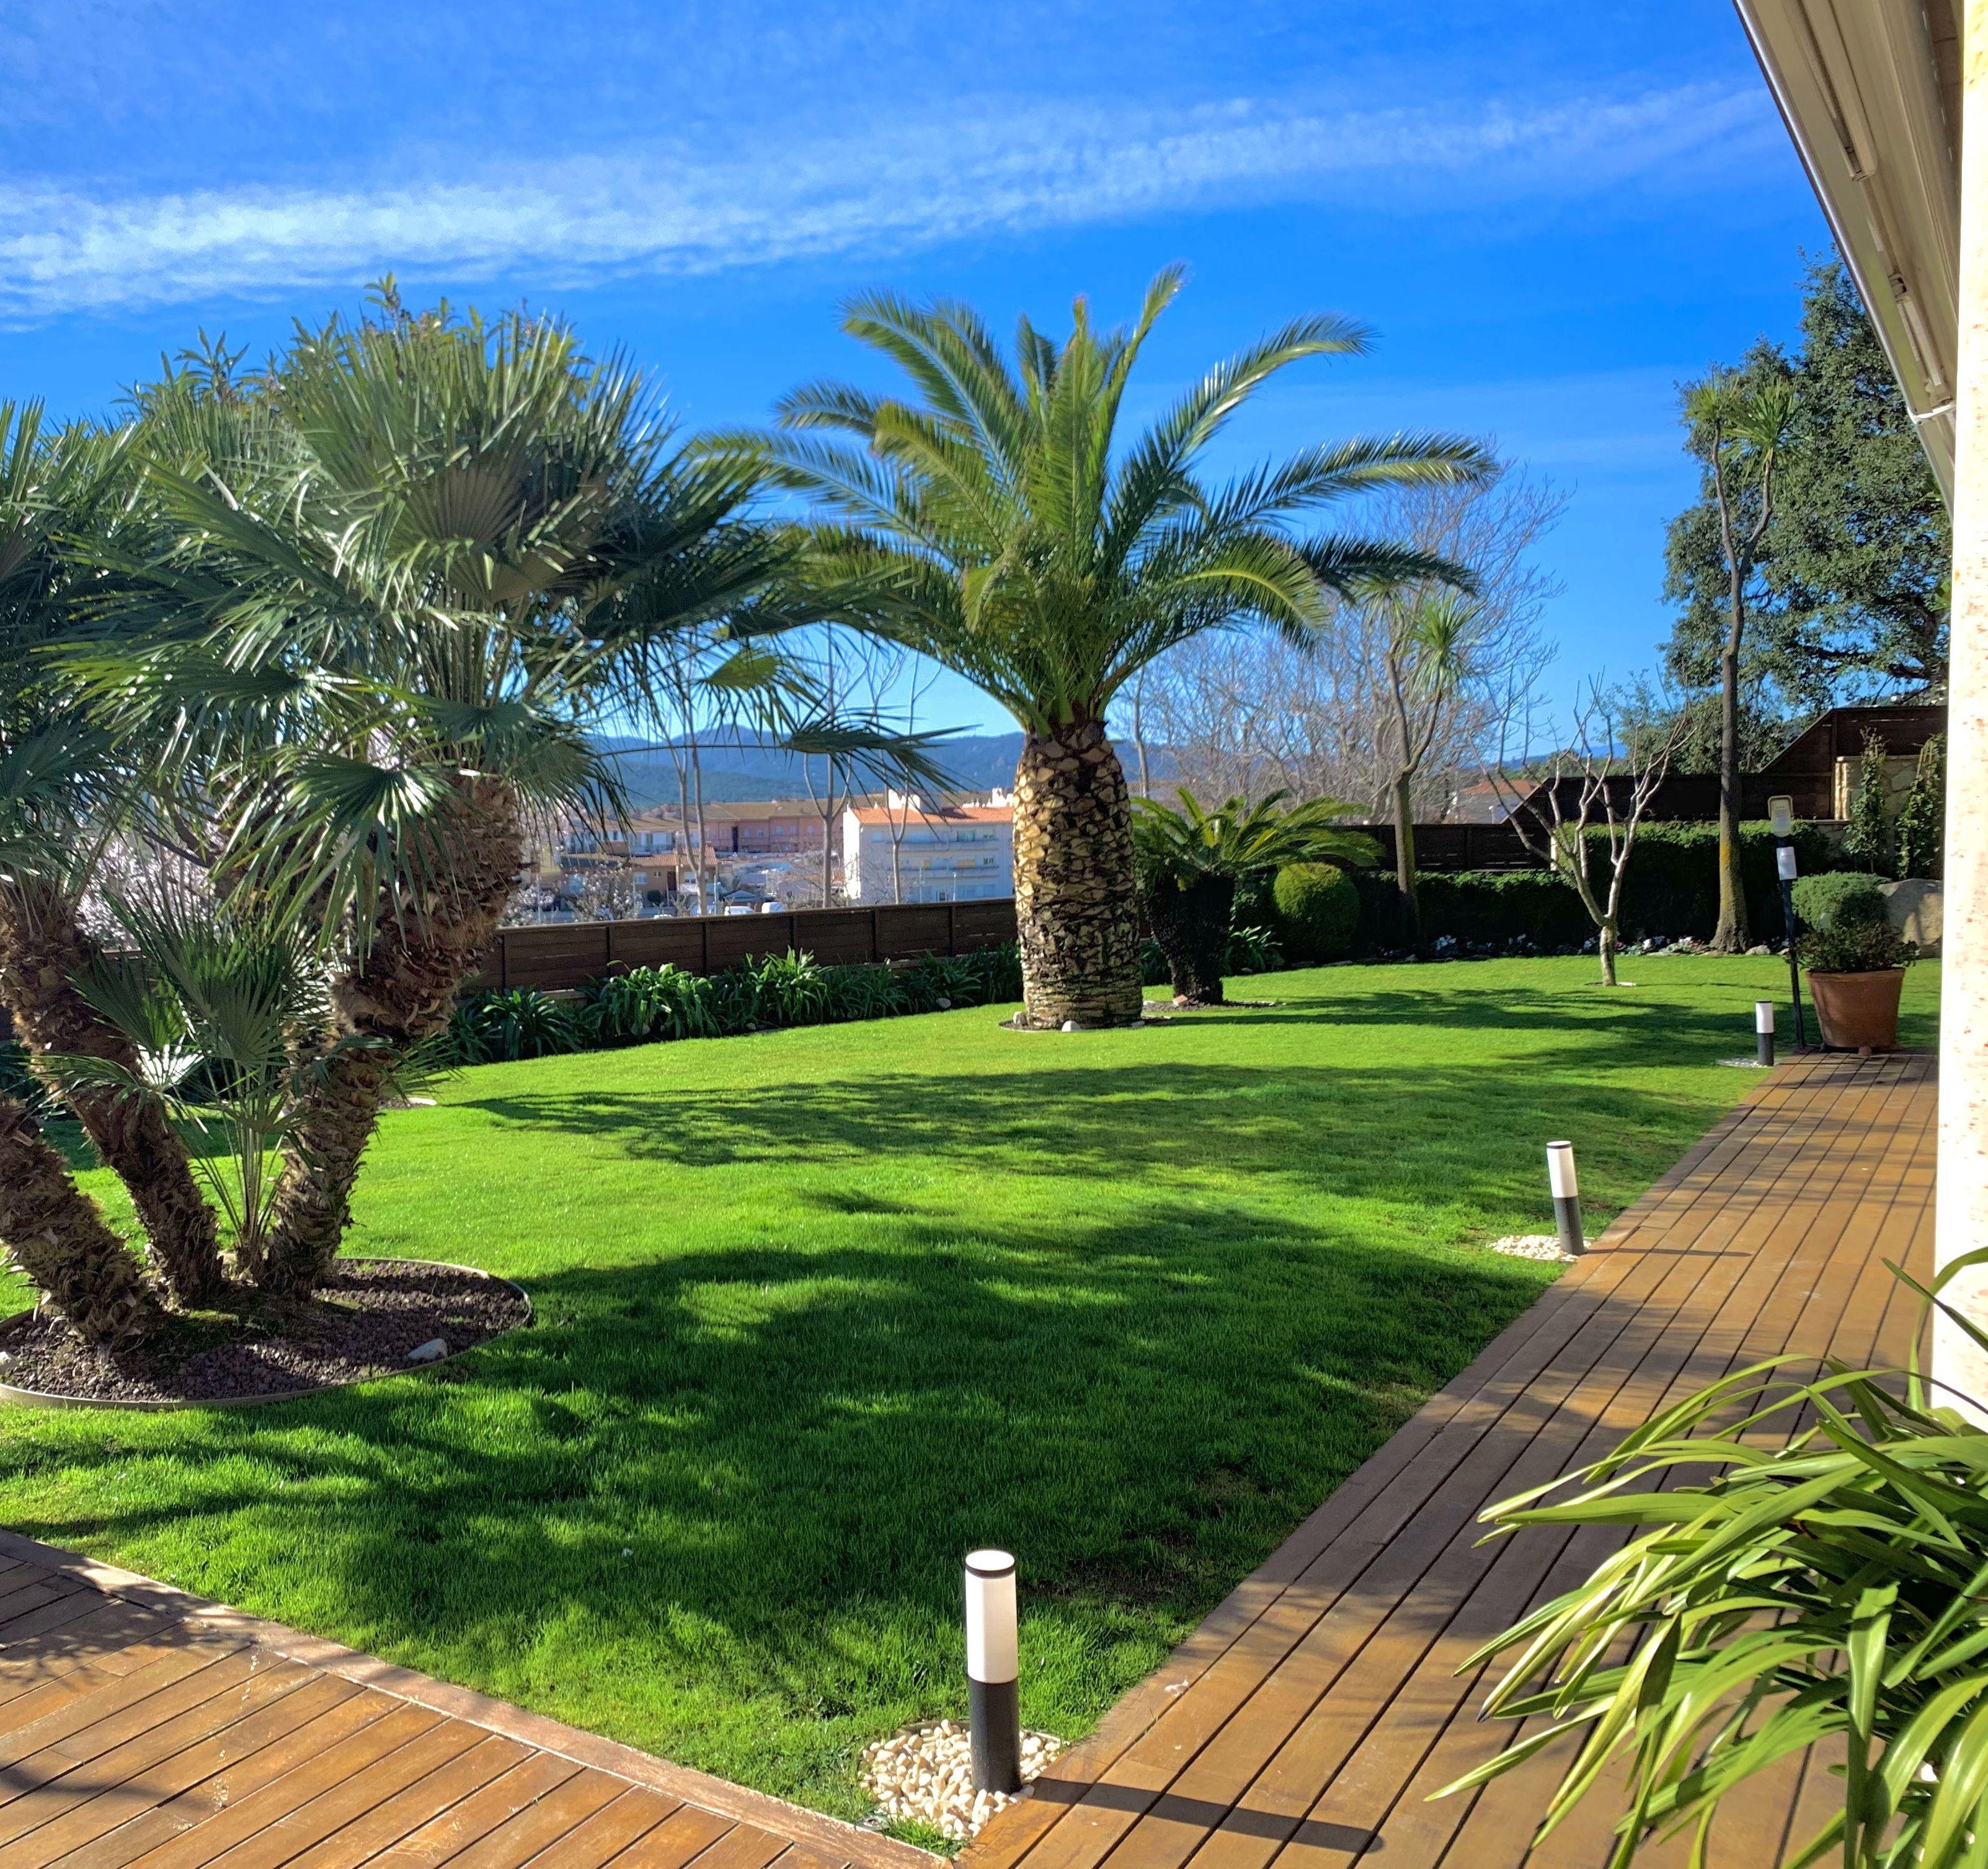 Foto 3 de Diseño y mantenimiento de jardines en Sant Feliu de Guíxols | Món Verd / Mundo Verde / Green World